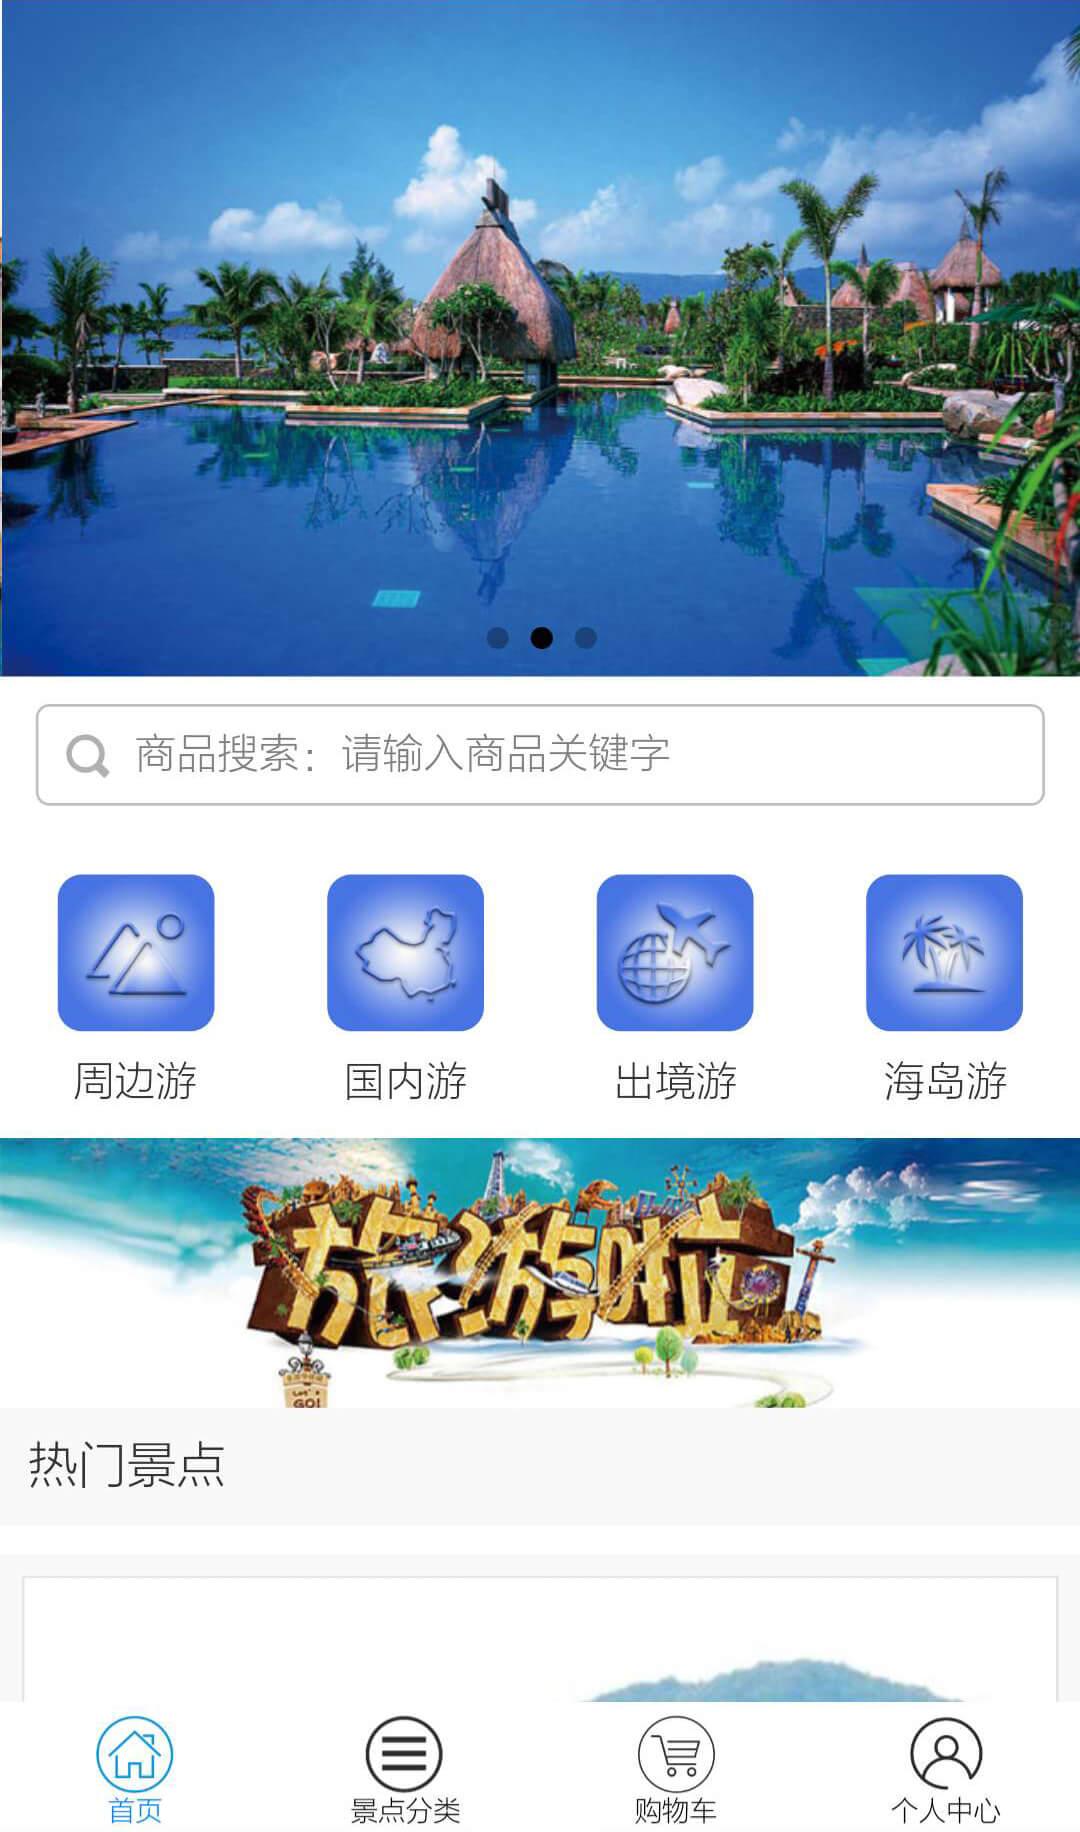 绍兴海峡旅游